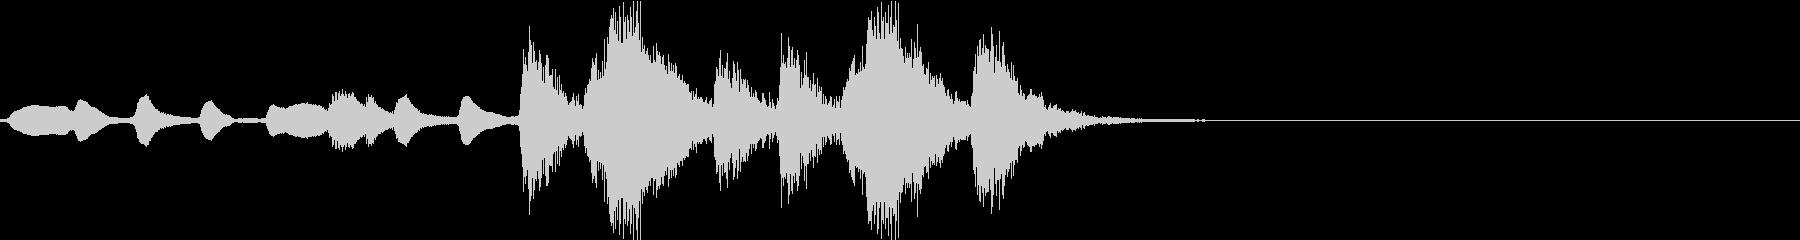 重厚なオーケストラ・ジングルの未再生の波形